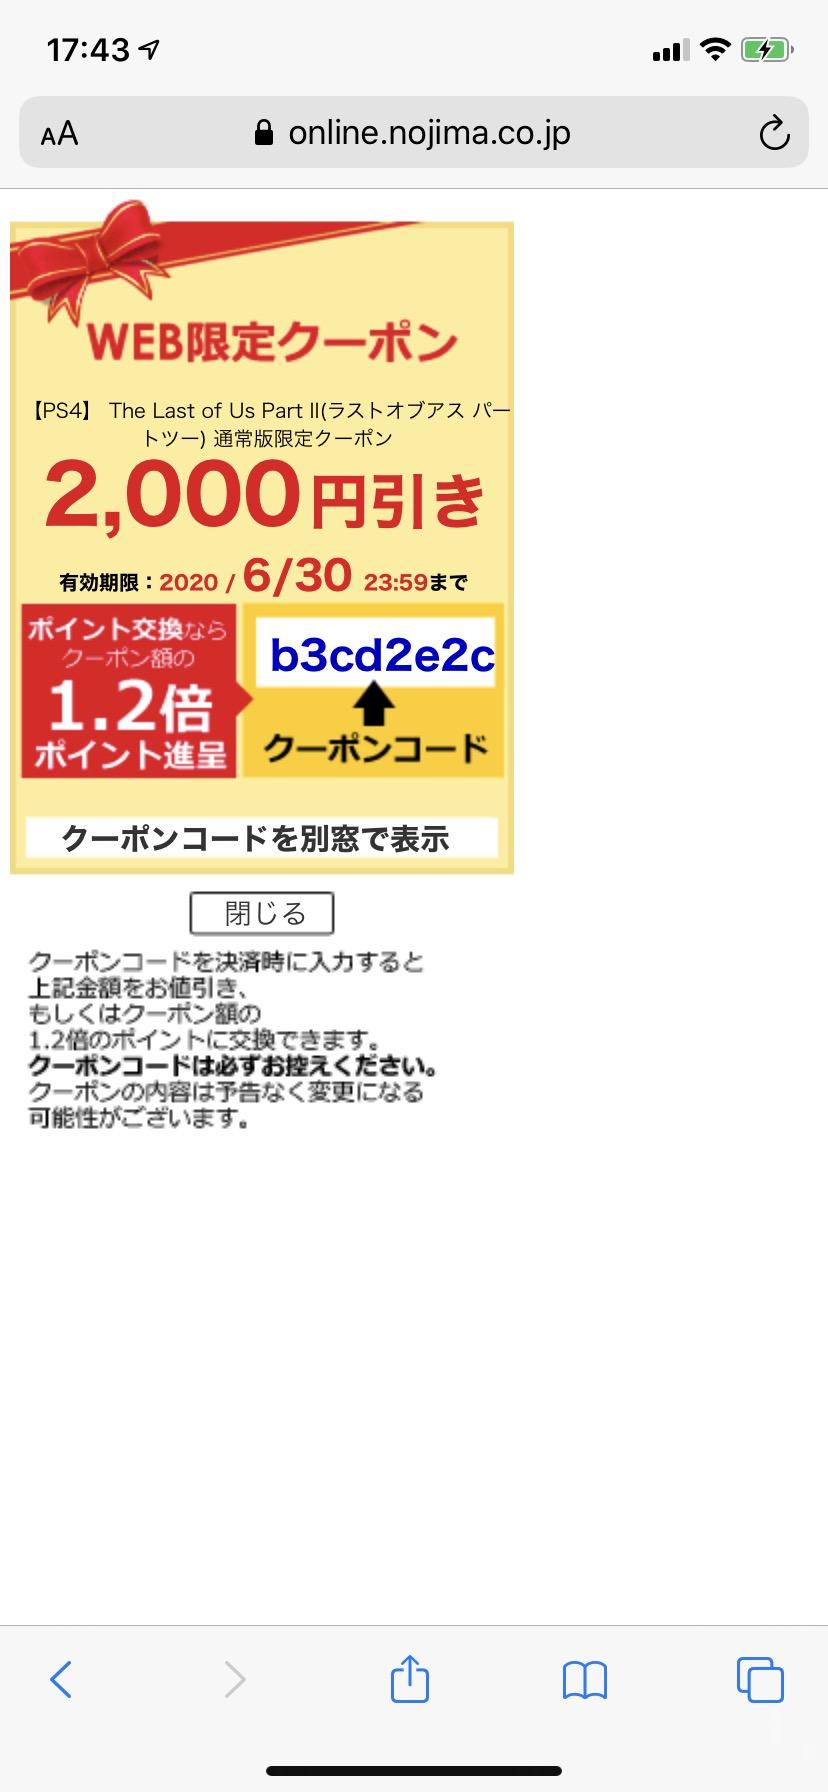 EQIQU6z - 【悲報】PS4「ラスアス2」、早くも定価46%オフの新品4060円に値崩れ!!!